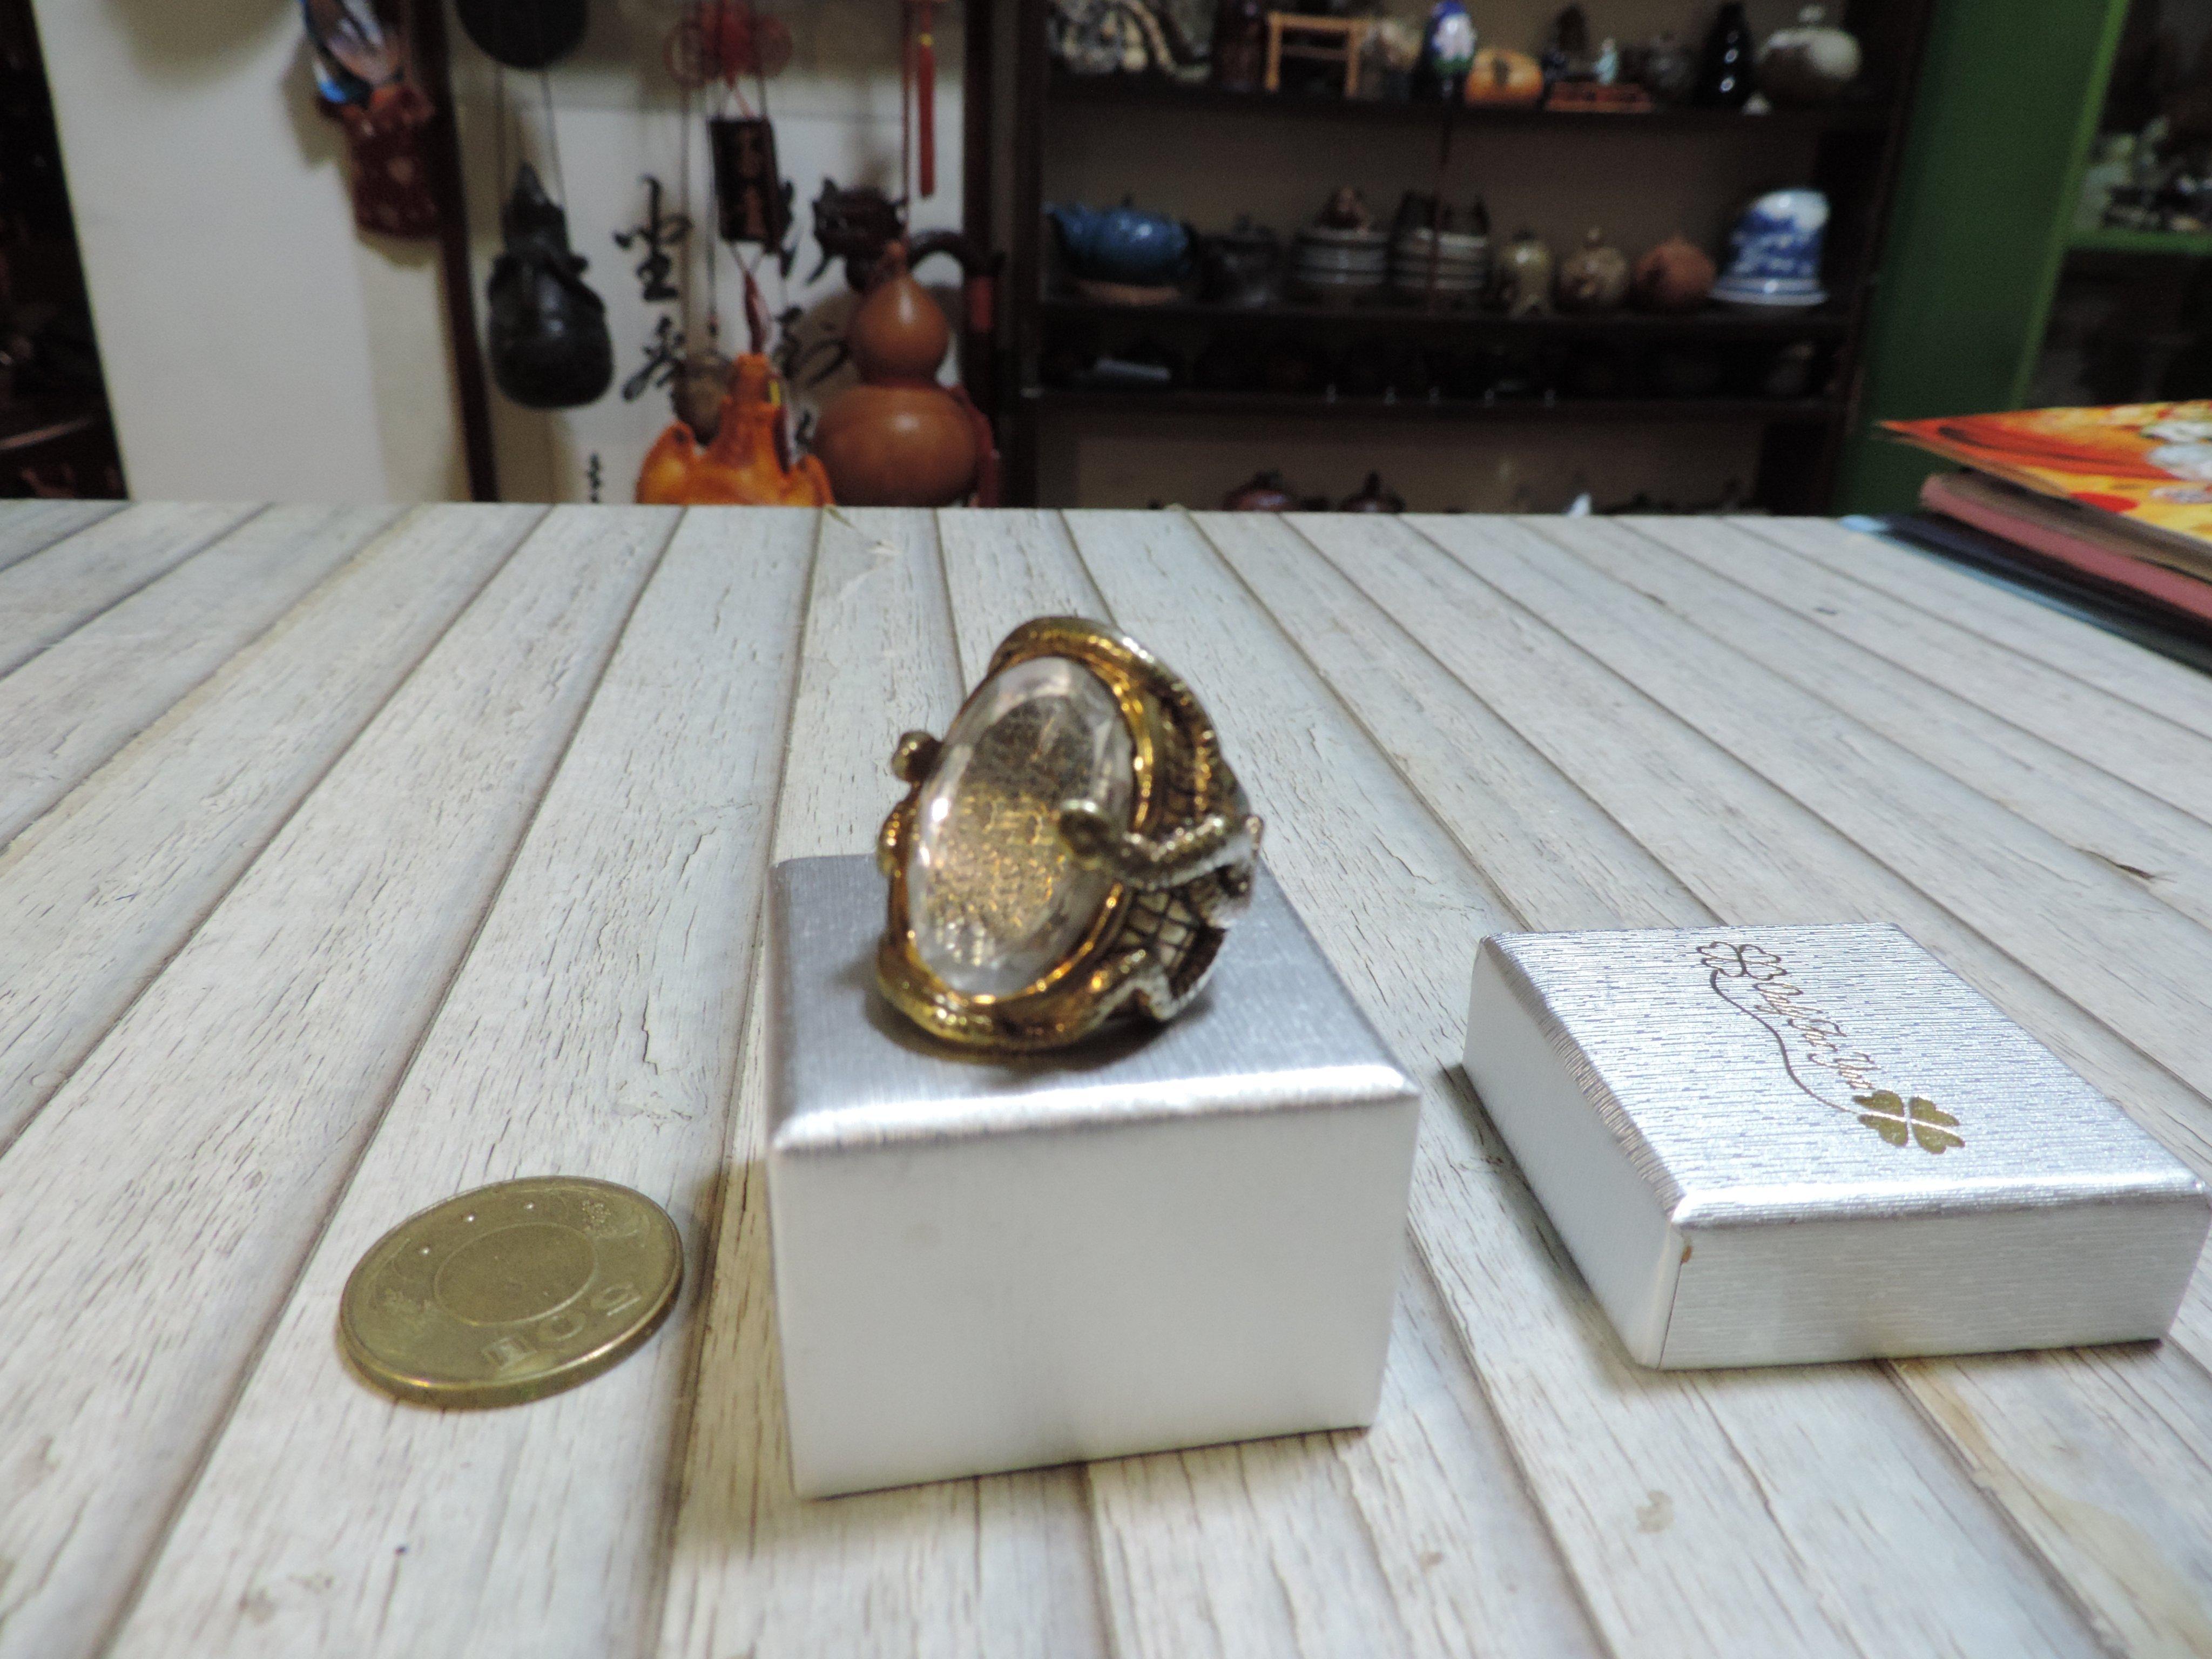 鑲水晶大寶石鍍金戒指 雙蛇獻瑞 施華洛世奇白水晶 12生肖金屬動物蛇  蛇麼都如意   好戴圓滑不卡手 骨董復古(附盒)